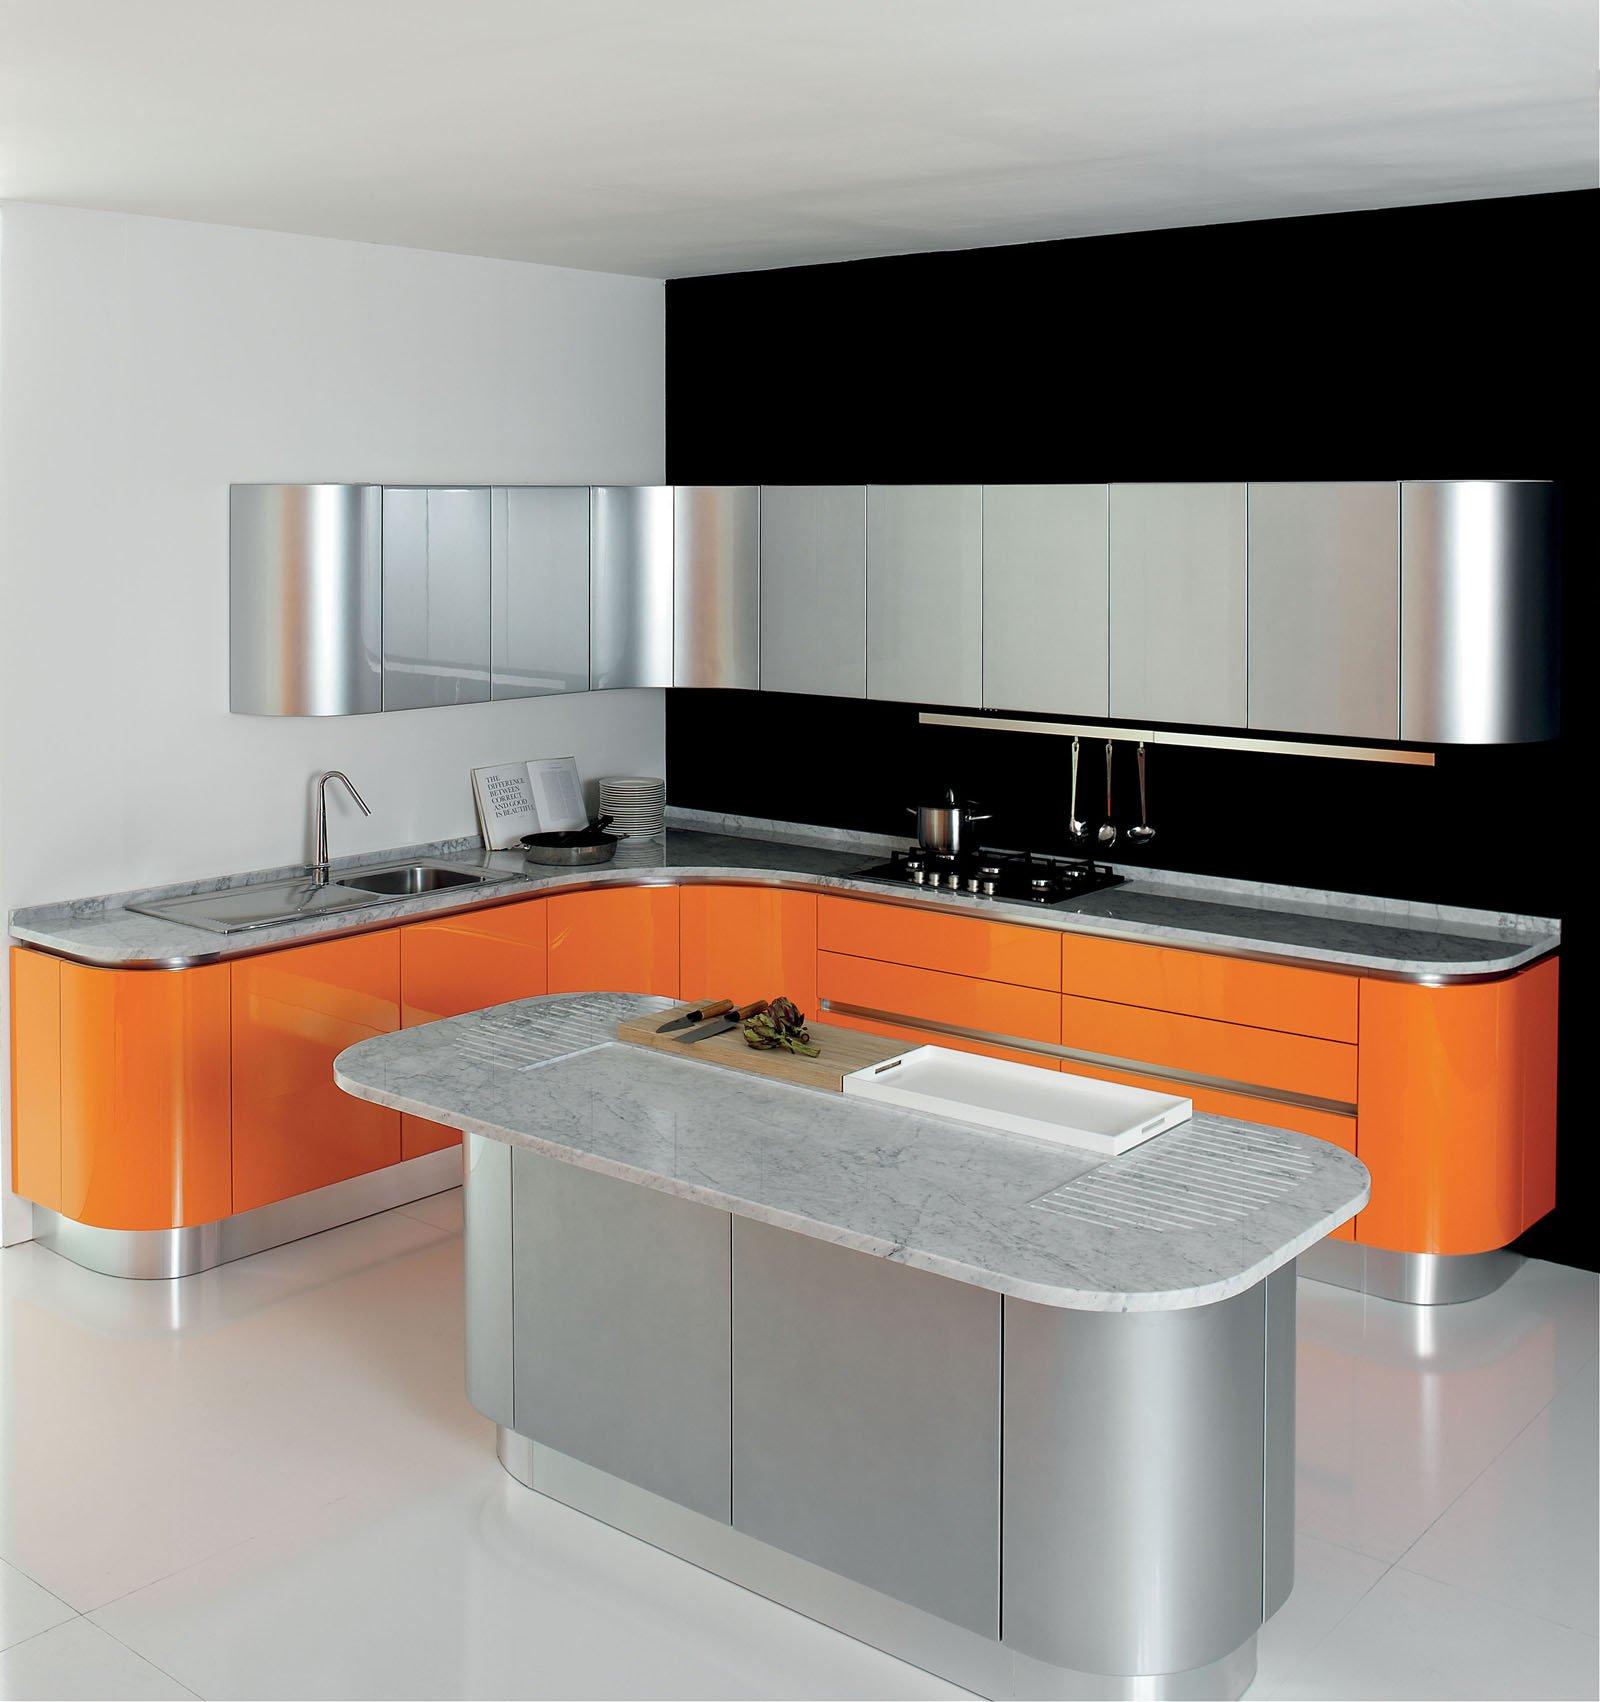 Aran 5 cucine per sfruttare lo spazio in modi differenti - Cucine colorate moderne ...